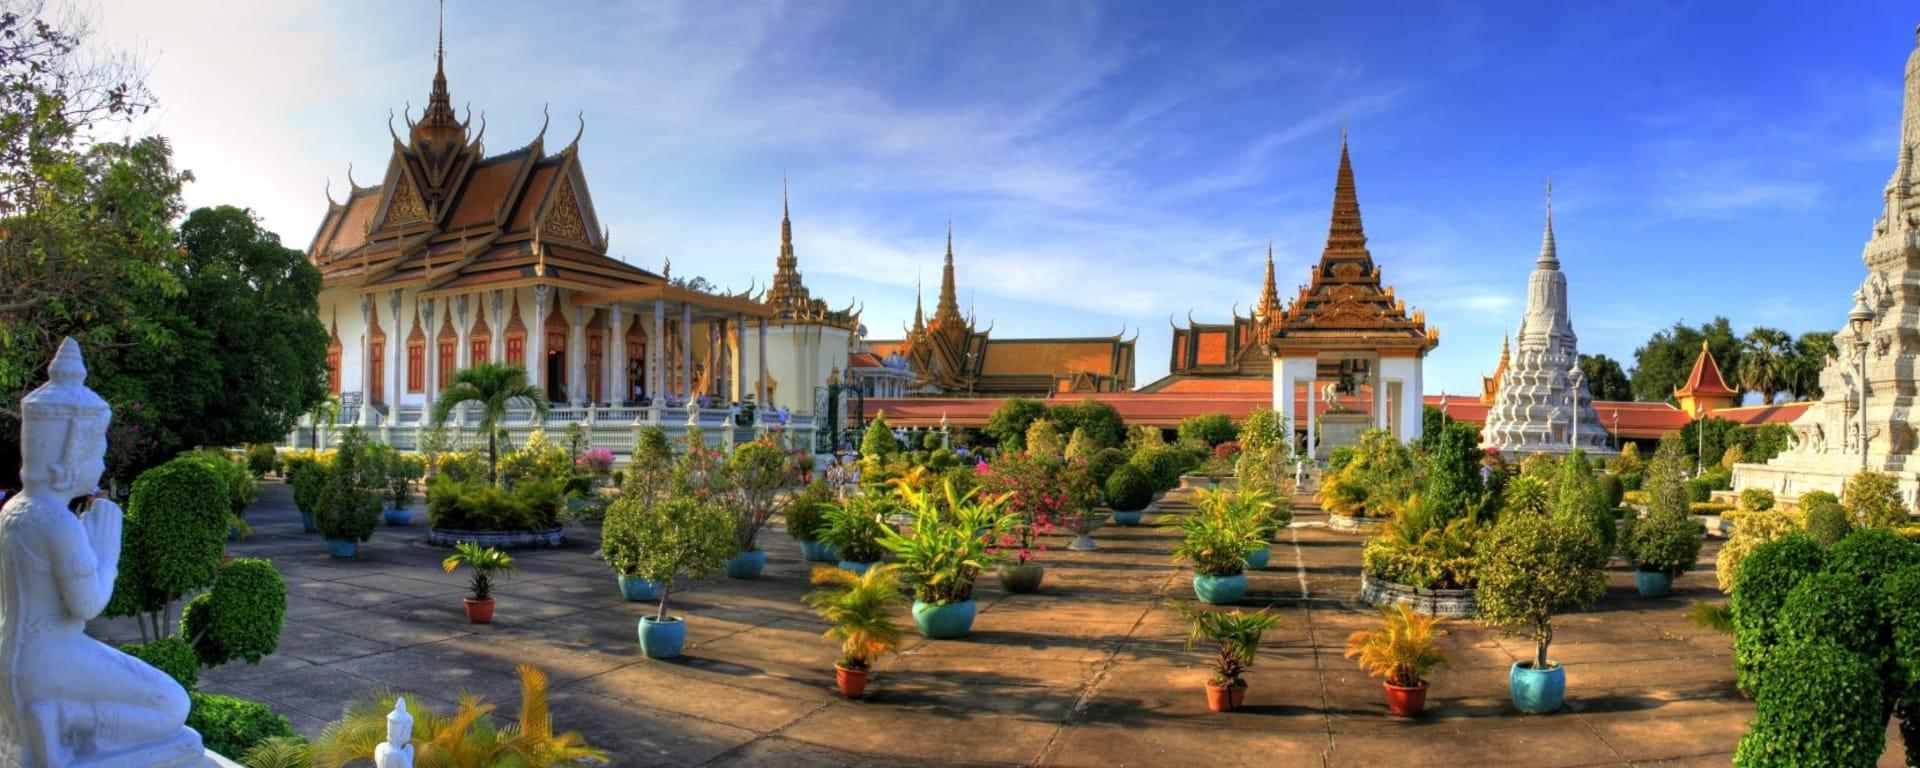 Les hauts lieux du Cambodge de Siem Reap: Phnom Penh Royal Palace